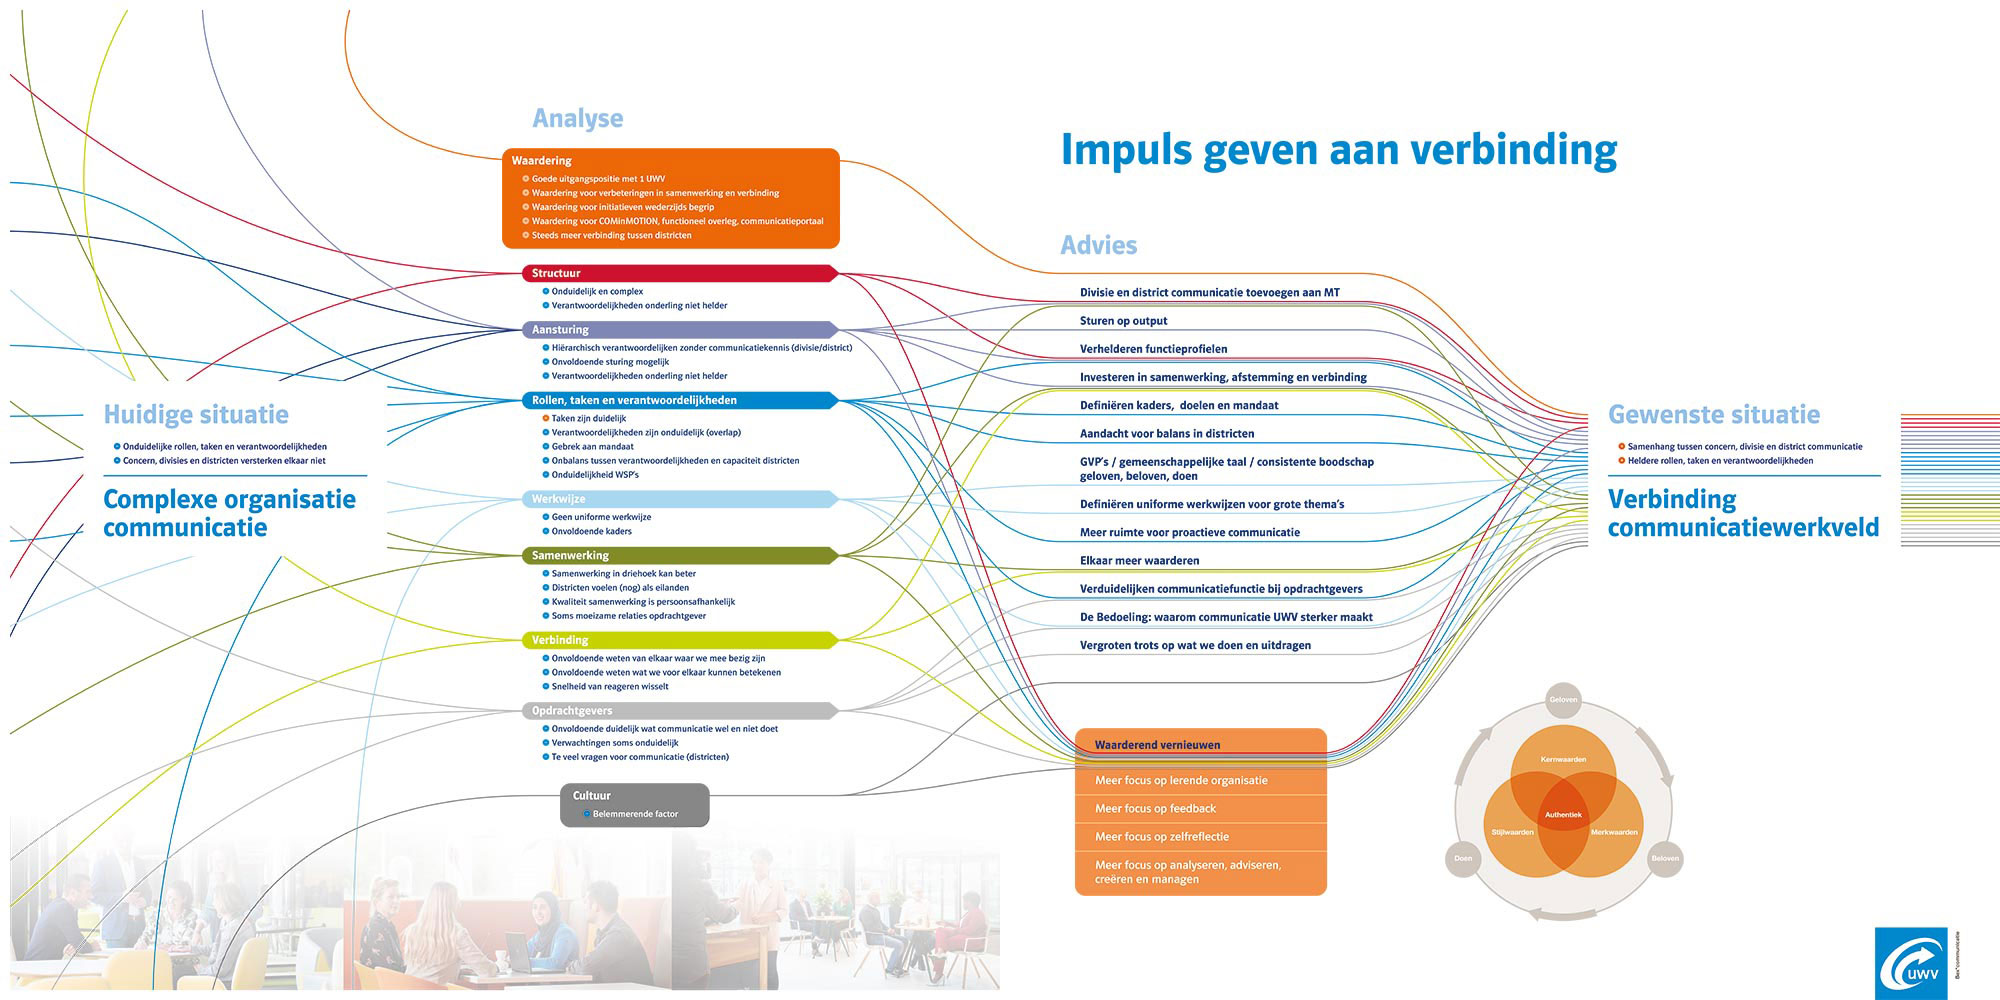 Impuls geven aan verbinding UWV BEX communicatie infographic JAgd ontwerp